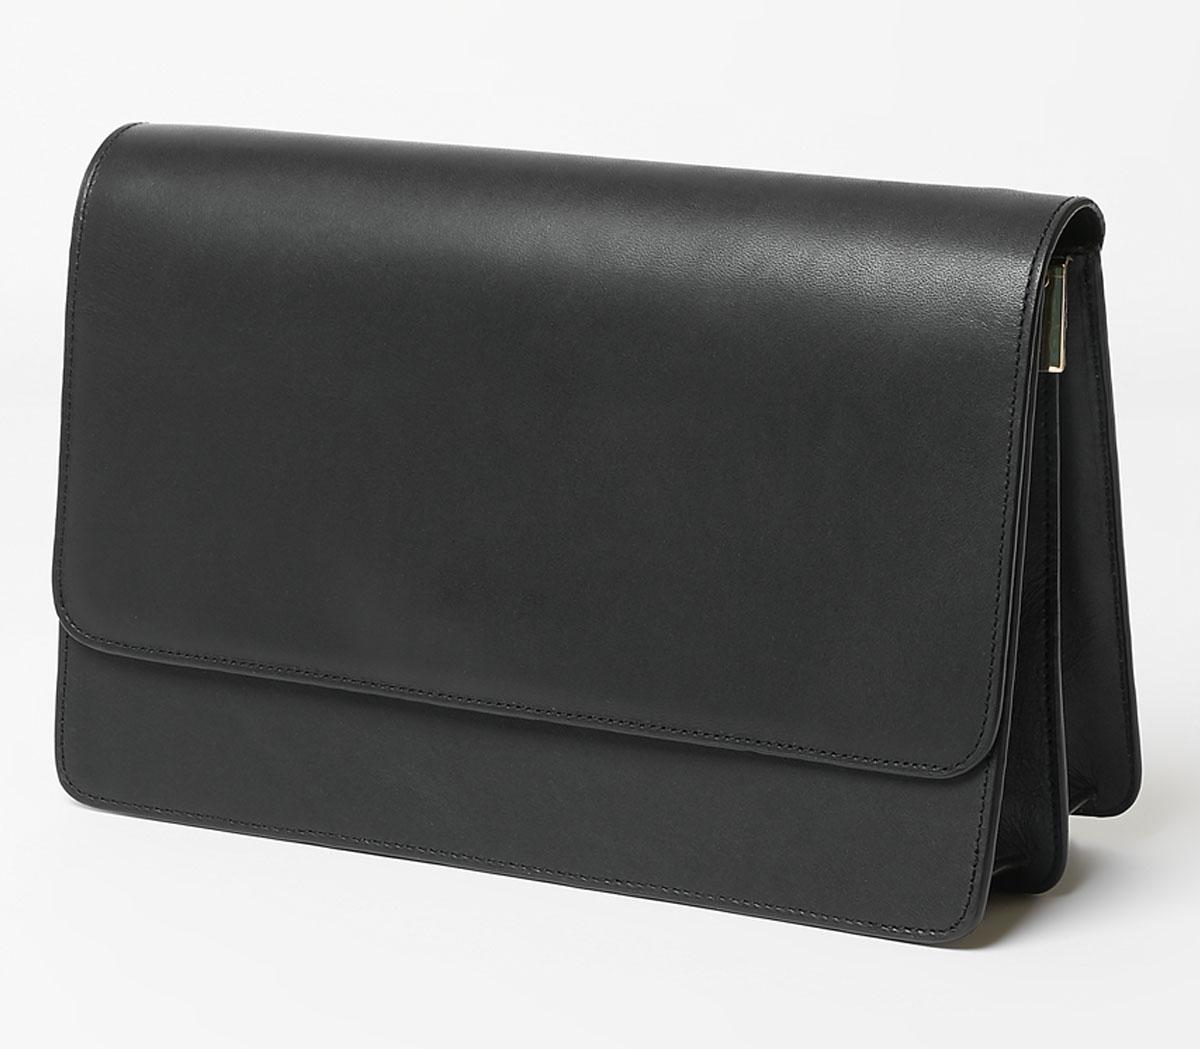 Virignia Bag